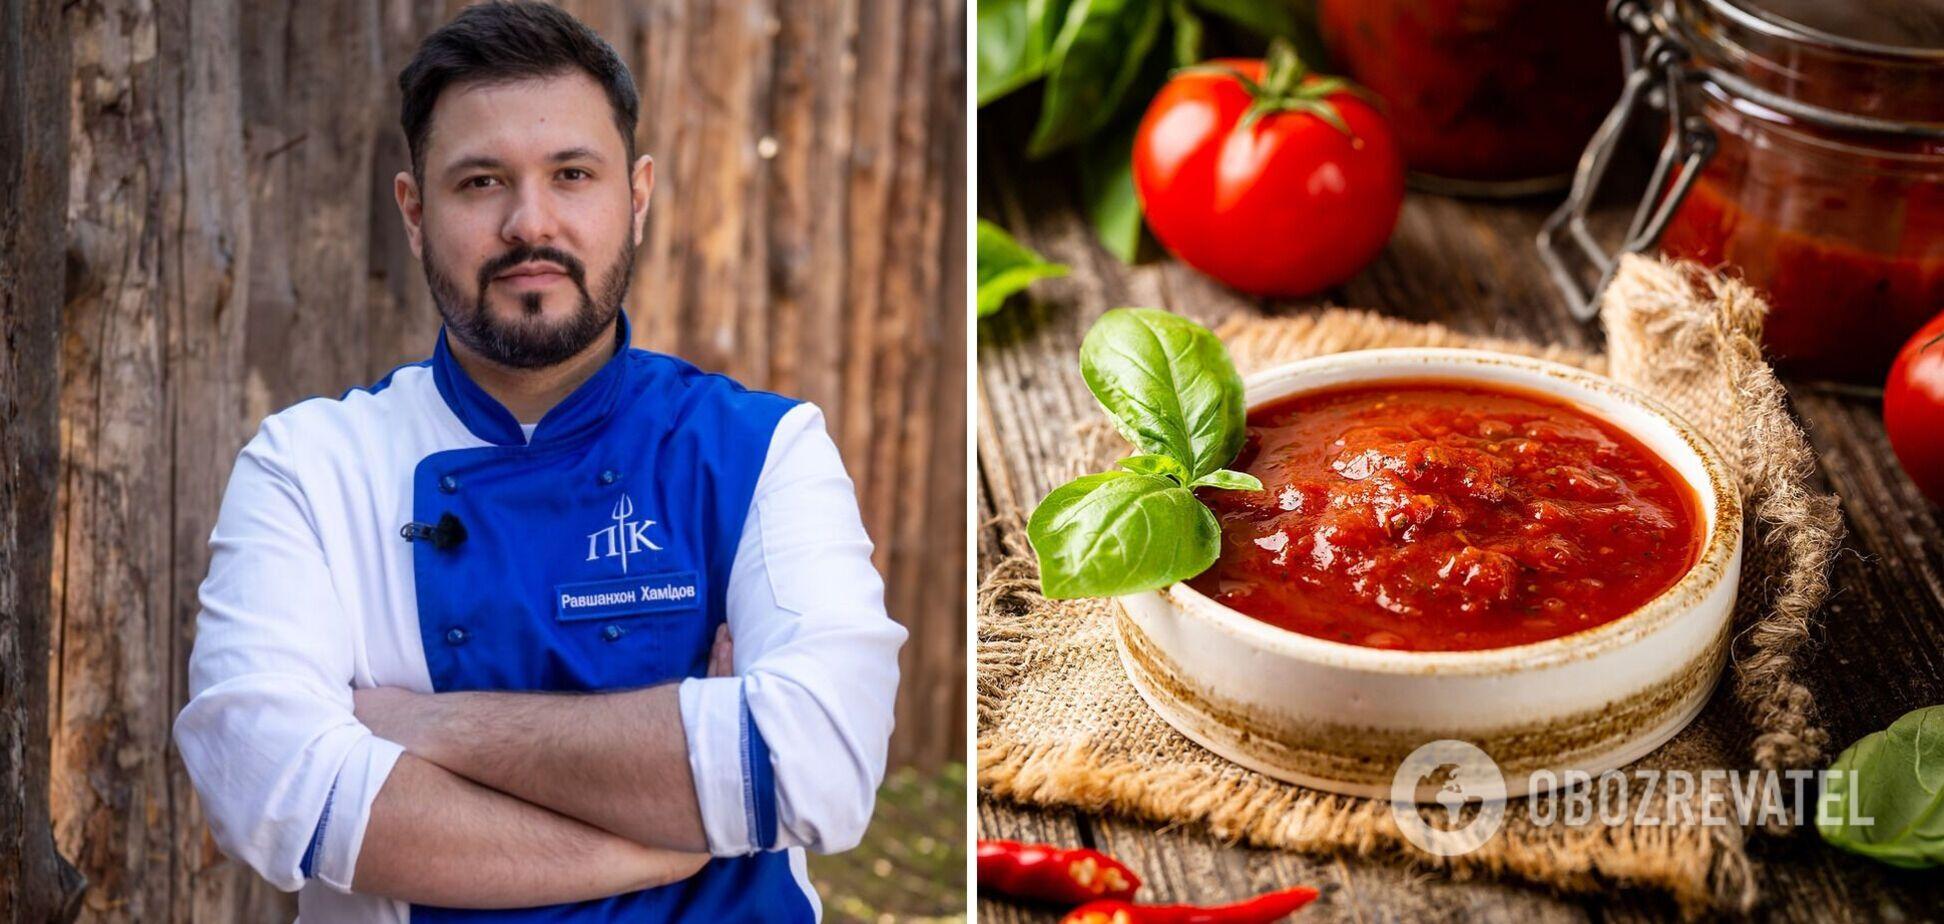 Равшан Хамидов поділився рецептом смачного соусу до м'яса та птиці,